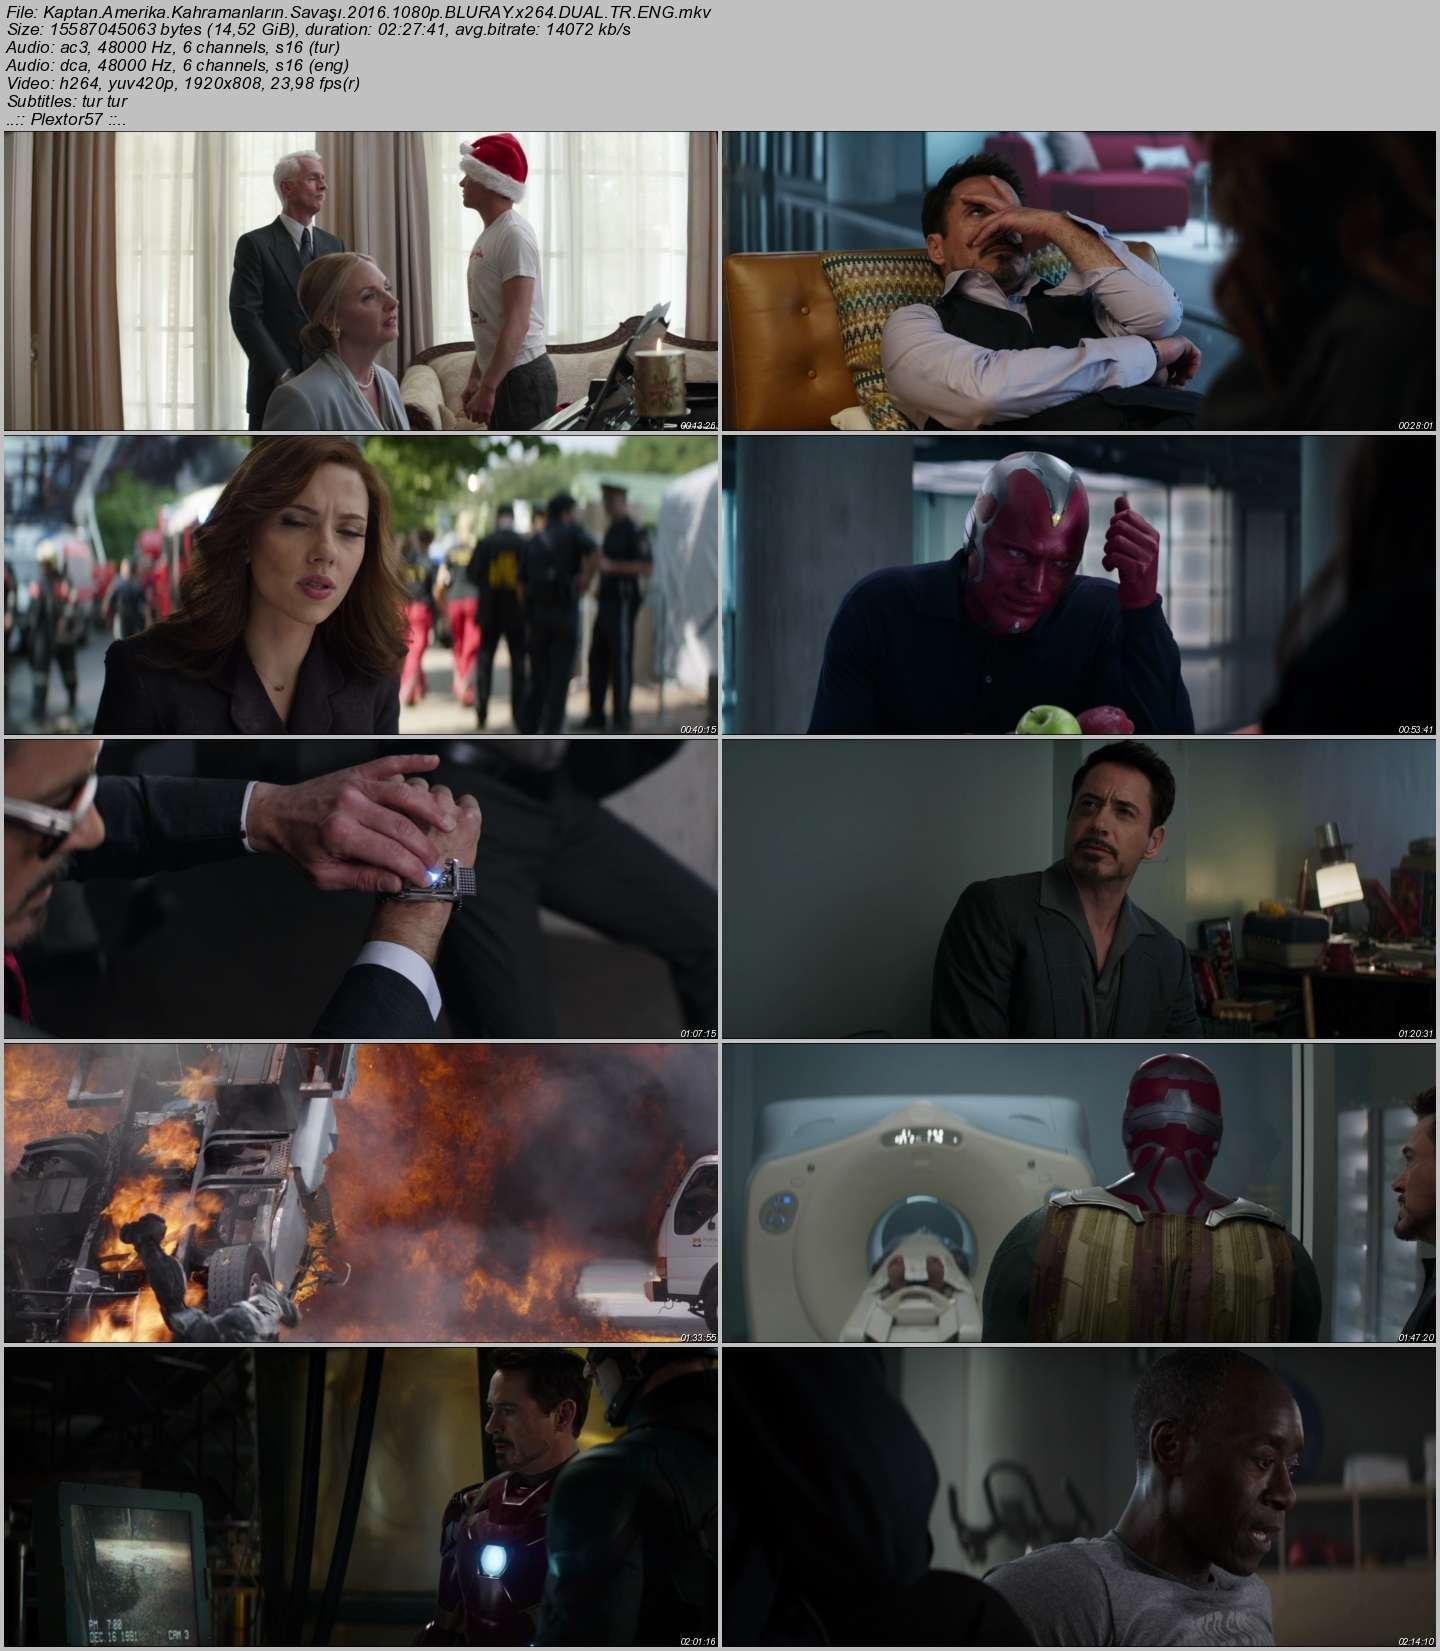 Kaptan Amerika: Kahramanların Savaşı 2016 - Türkçe Dublaj - Tek Link